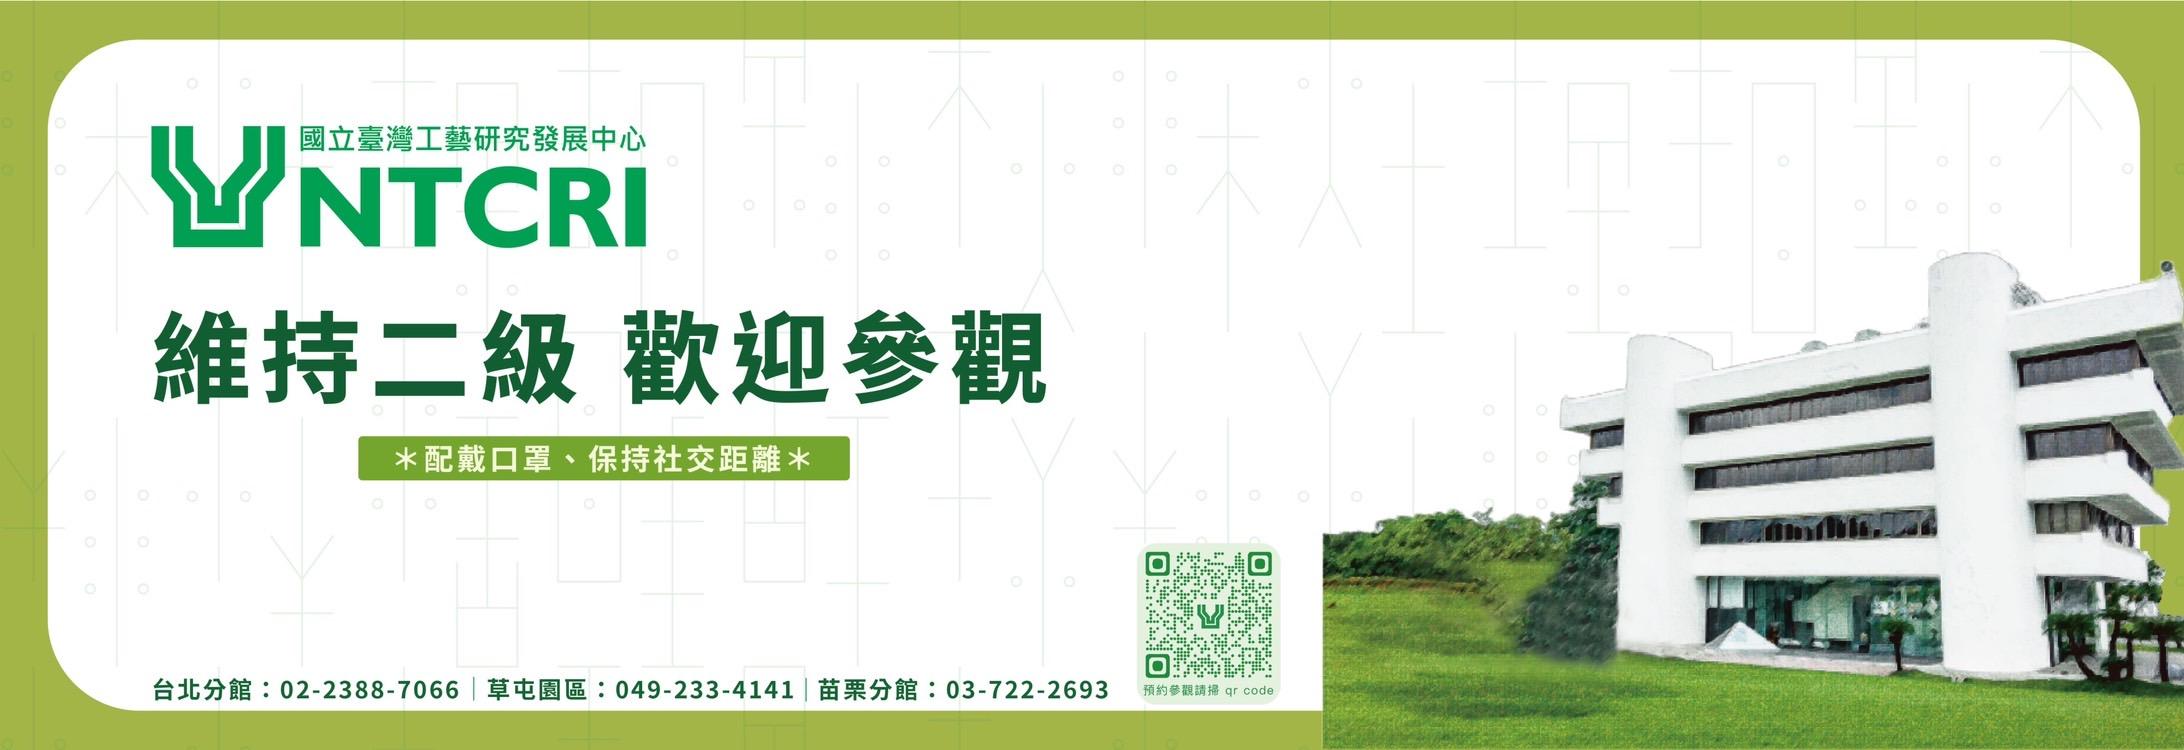 國立臺灣工藝研究發展中心自8月10日起,各場館開放預約民眾優先參觀「另開新視窗」-pc